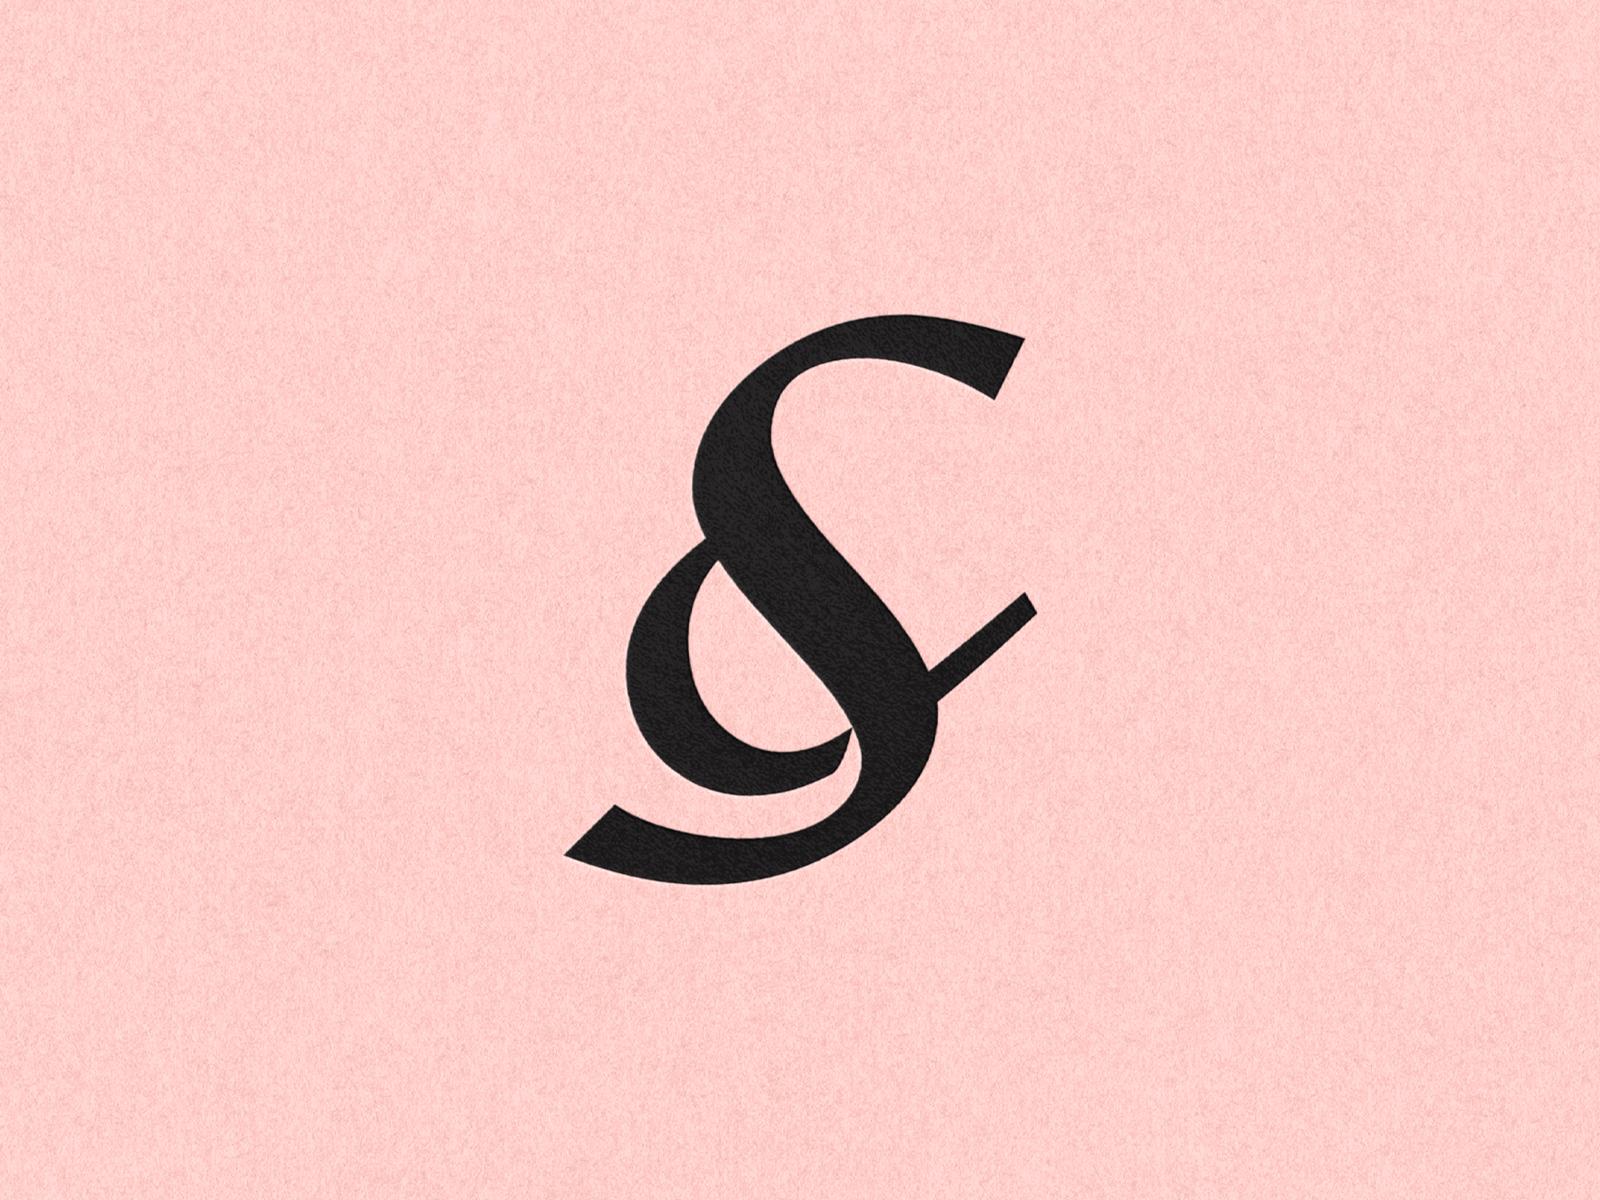 S ampersand logomark dribbble